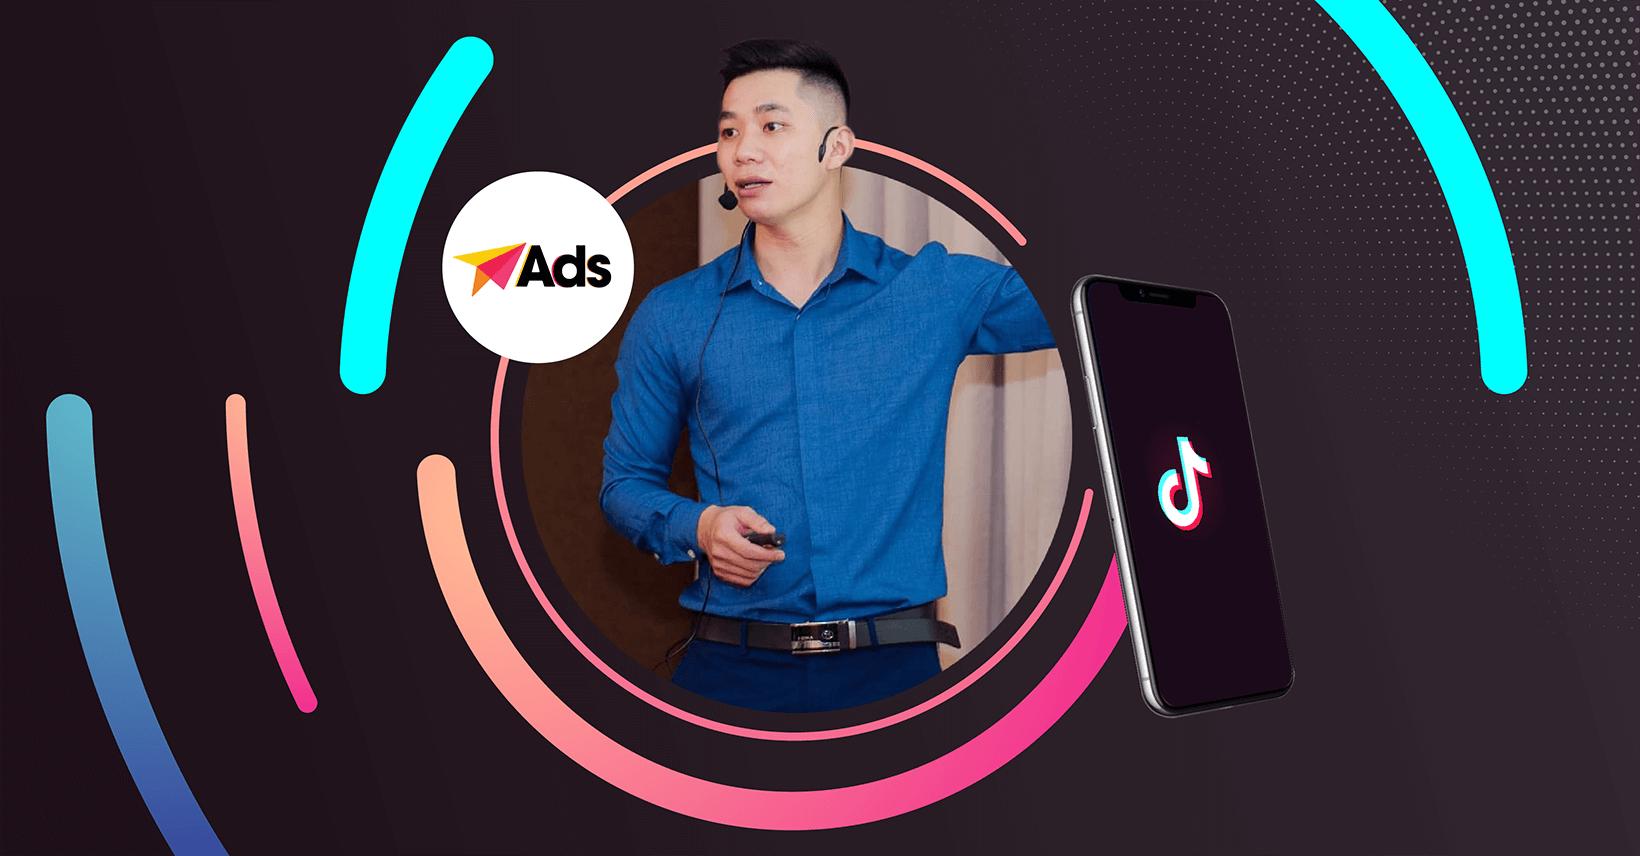 Khóa học Quảng cáo TikTok 2020 cho người mới - Mang về hàng ngàn đơn hàng với chi phí rẻ, đi đầu xu hướng với nền tảng video hơn 500 triệu người dùng. 1